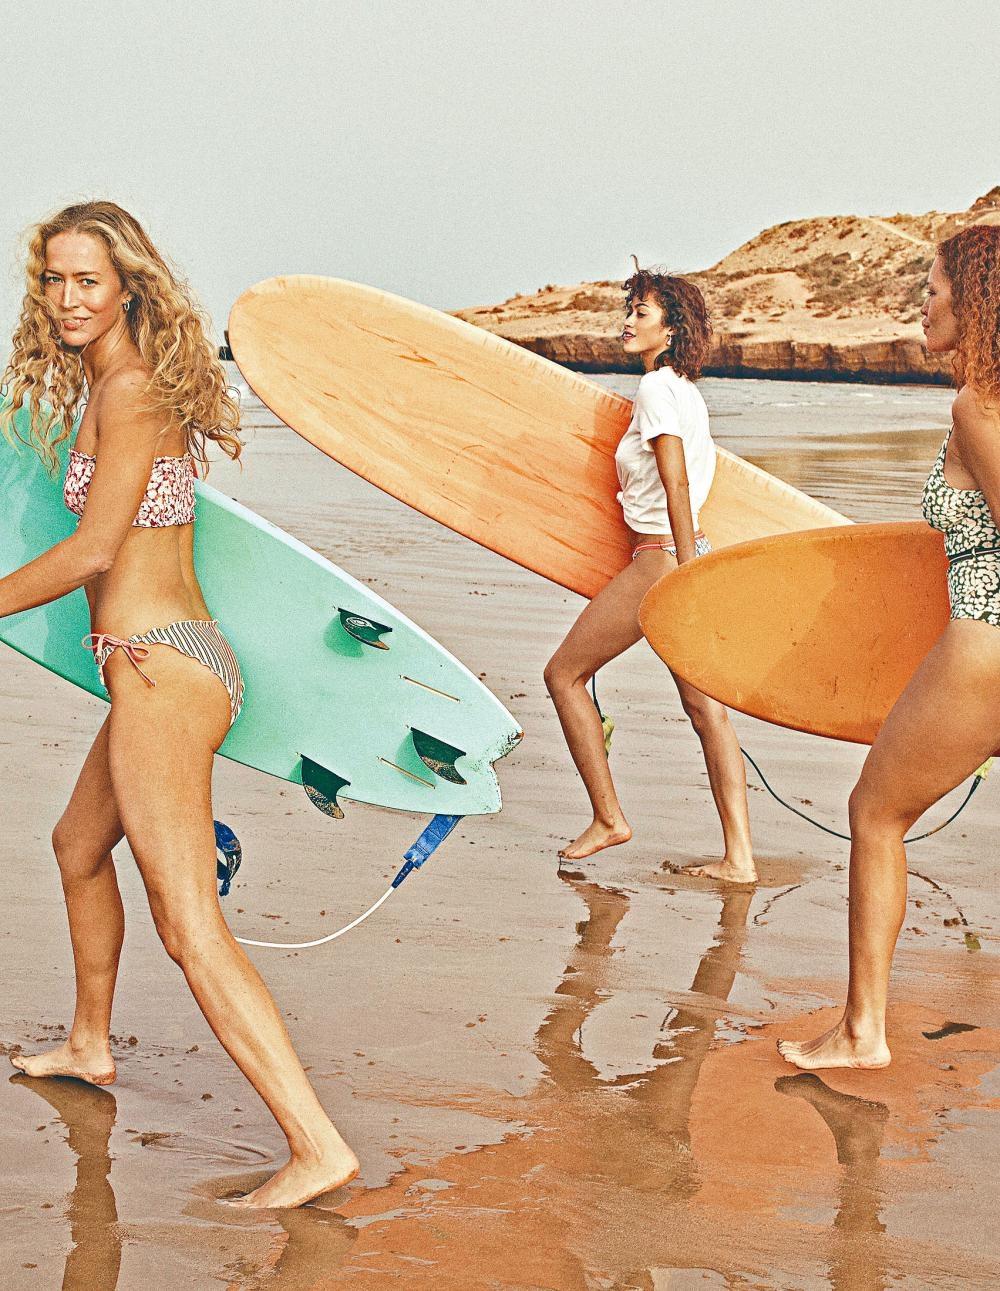 H&M×Love Stories Swimclub泳裝系列/$99.9至$329/H,包括泳衣、沙灘浴巾及鬆身沙灘外衣等項目。